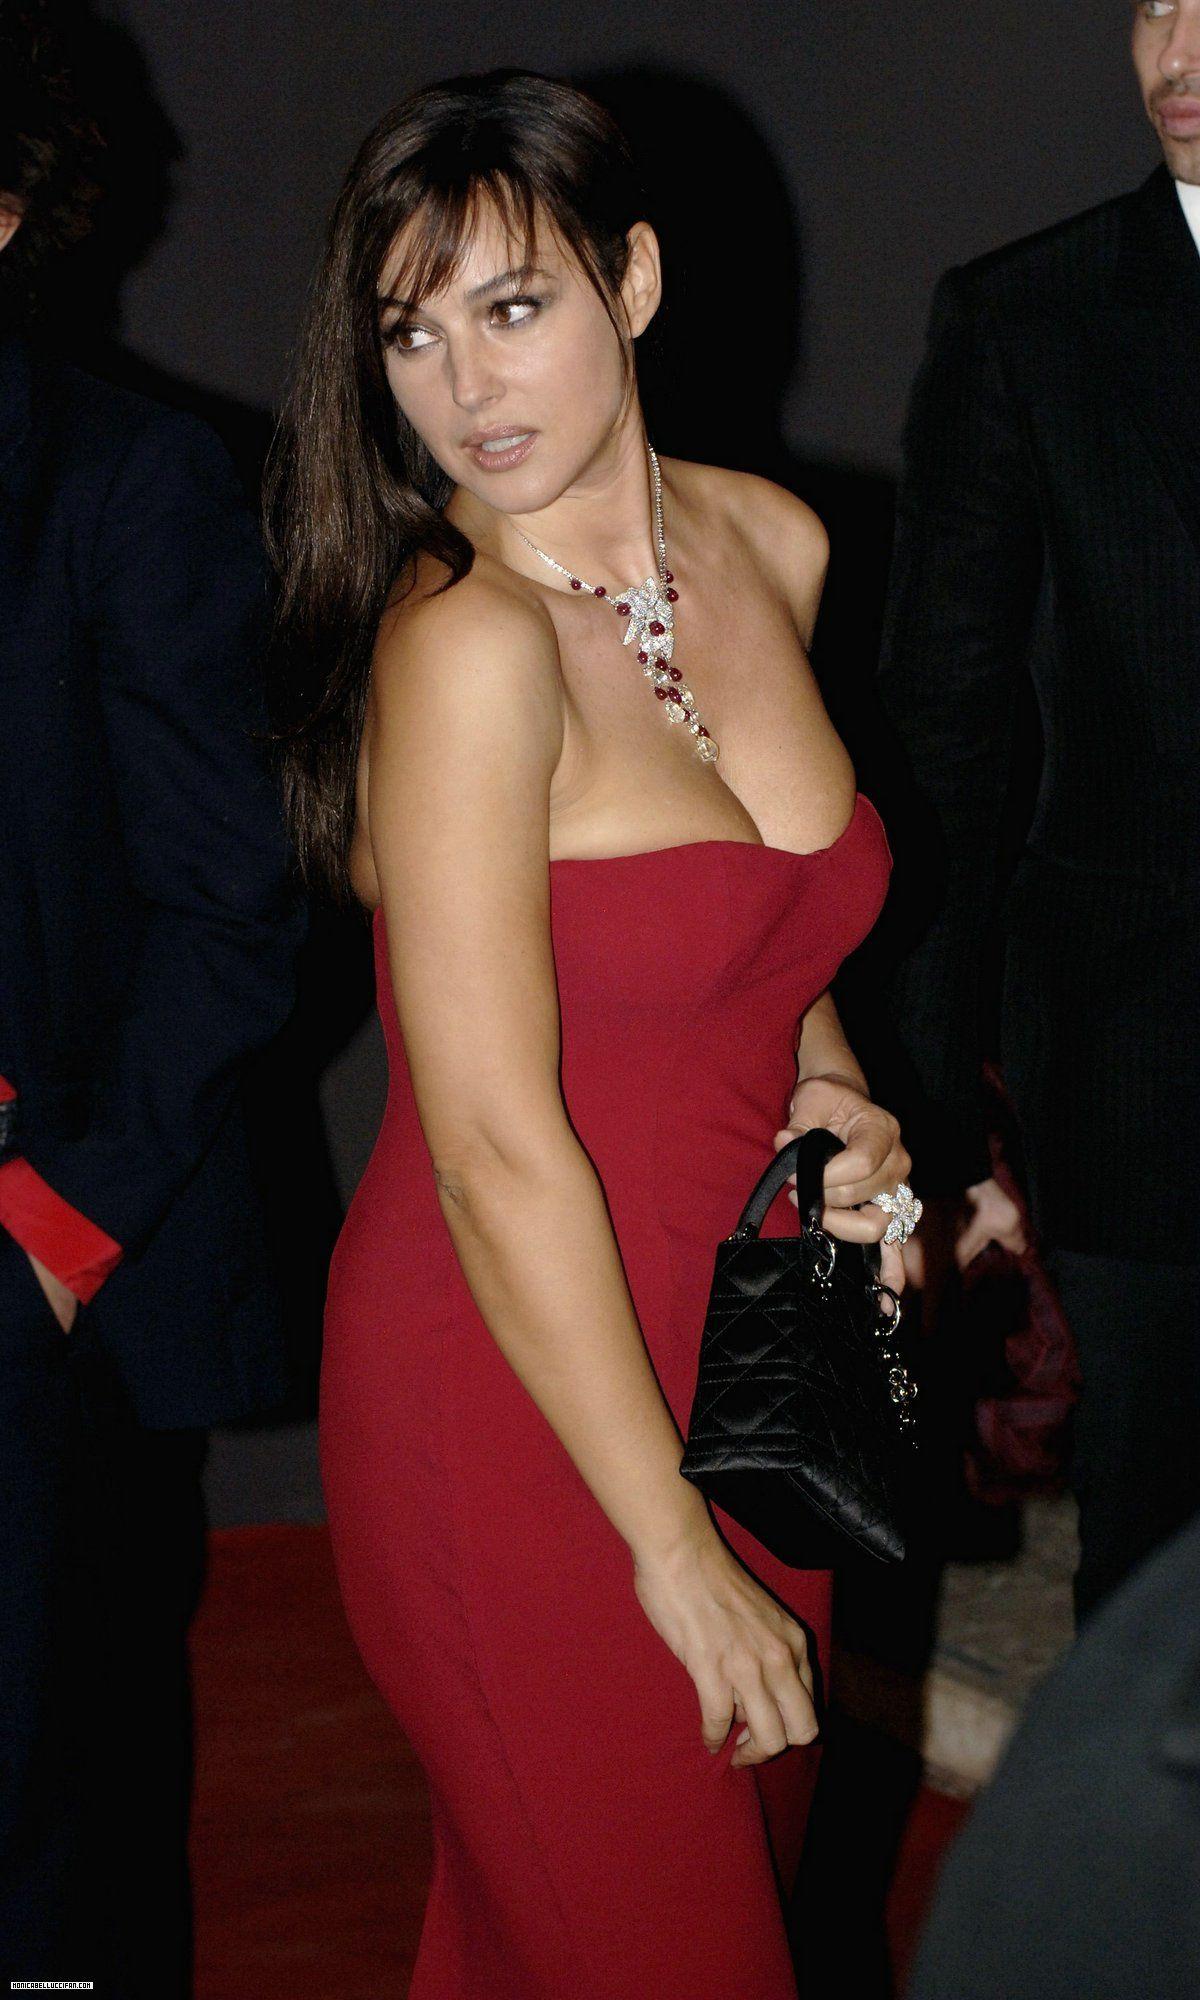 Monica Bellucci showed her body in a candid scene